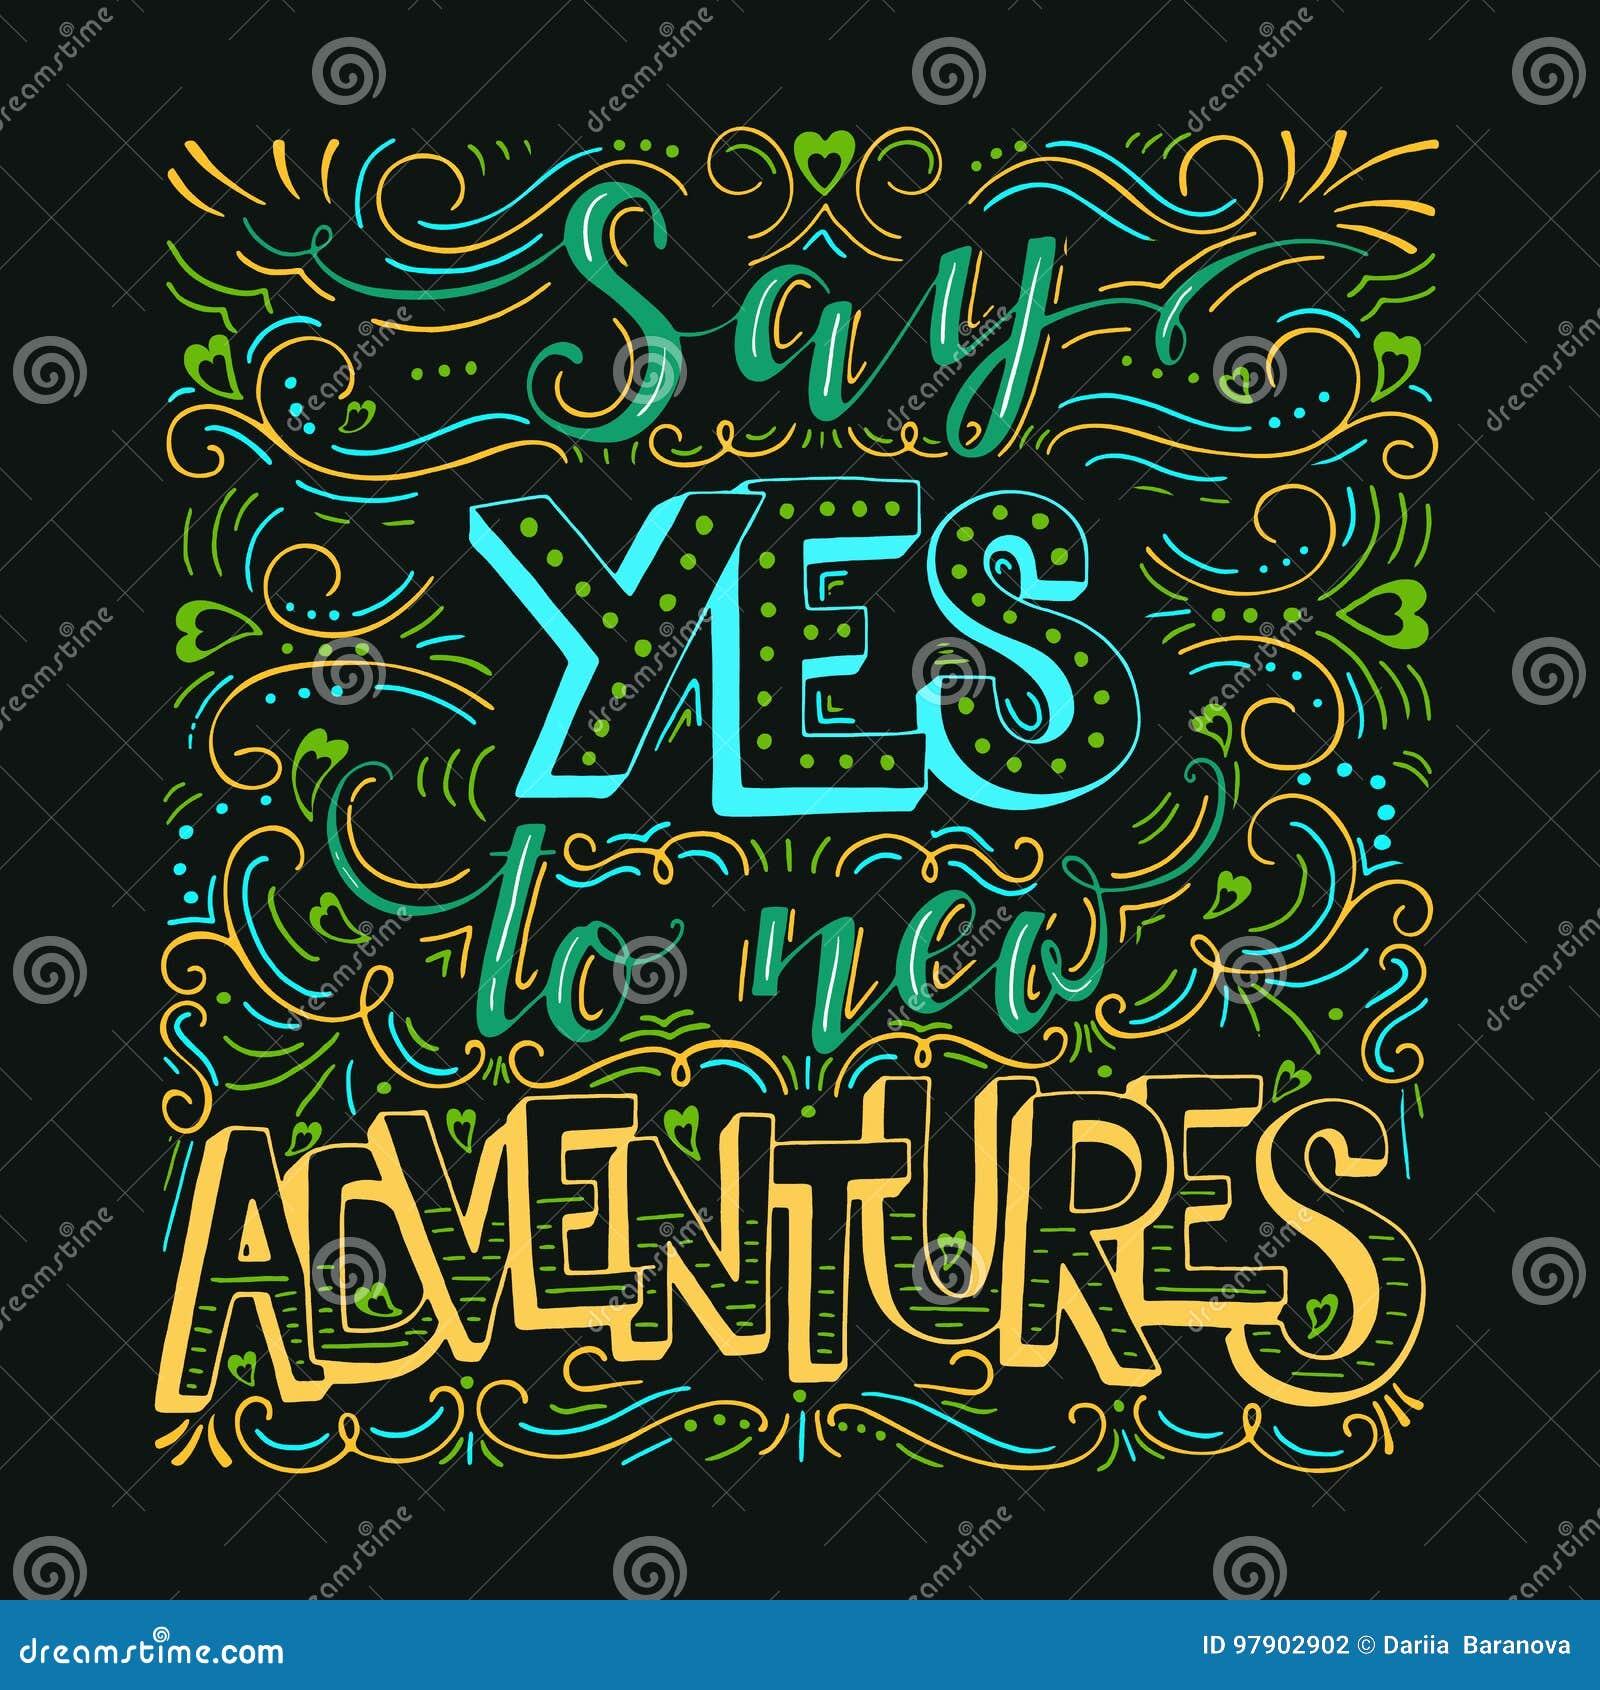 Πέστε ναι στις νέες περιπέτειες